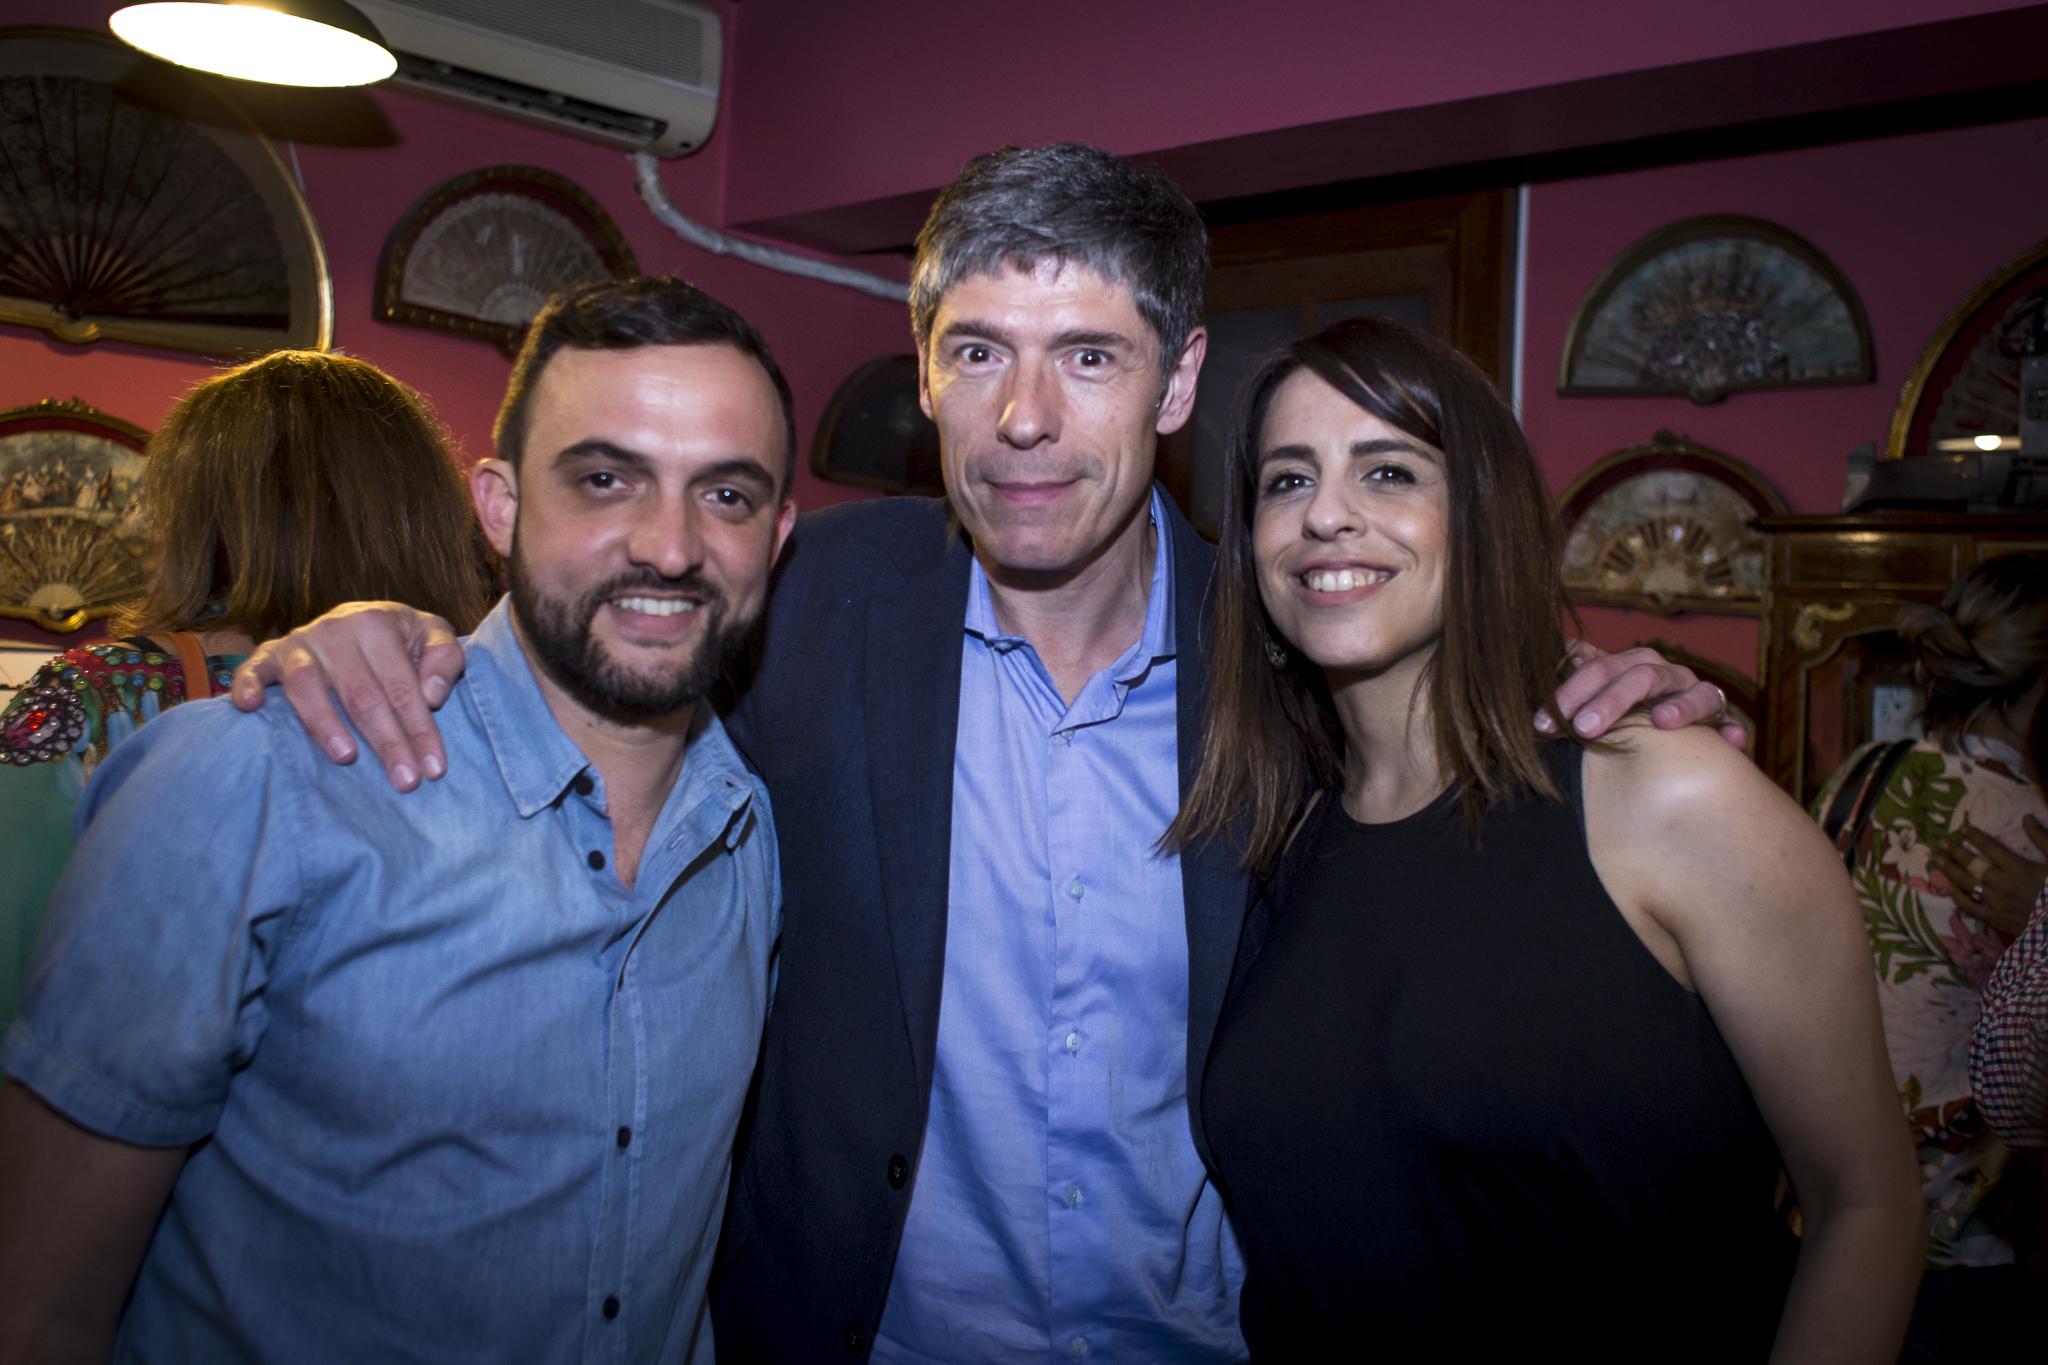 El Diputado Leo Grosso y el politólogo Juan Abal Medina hicieron su aporte a la Fundación